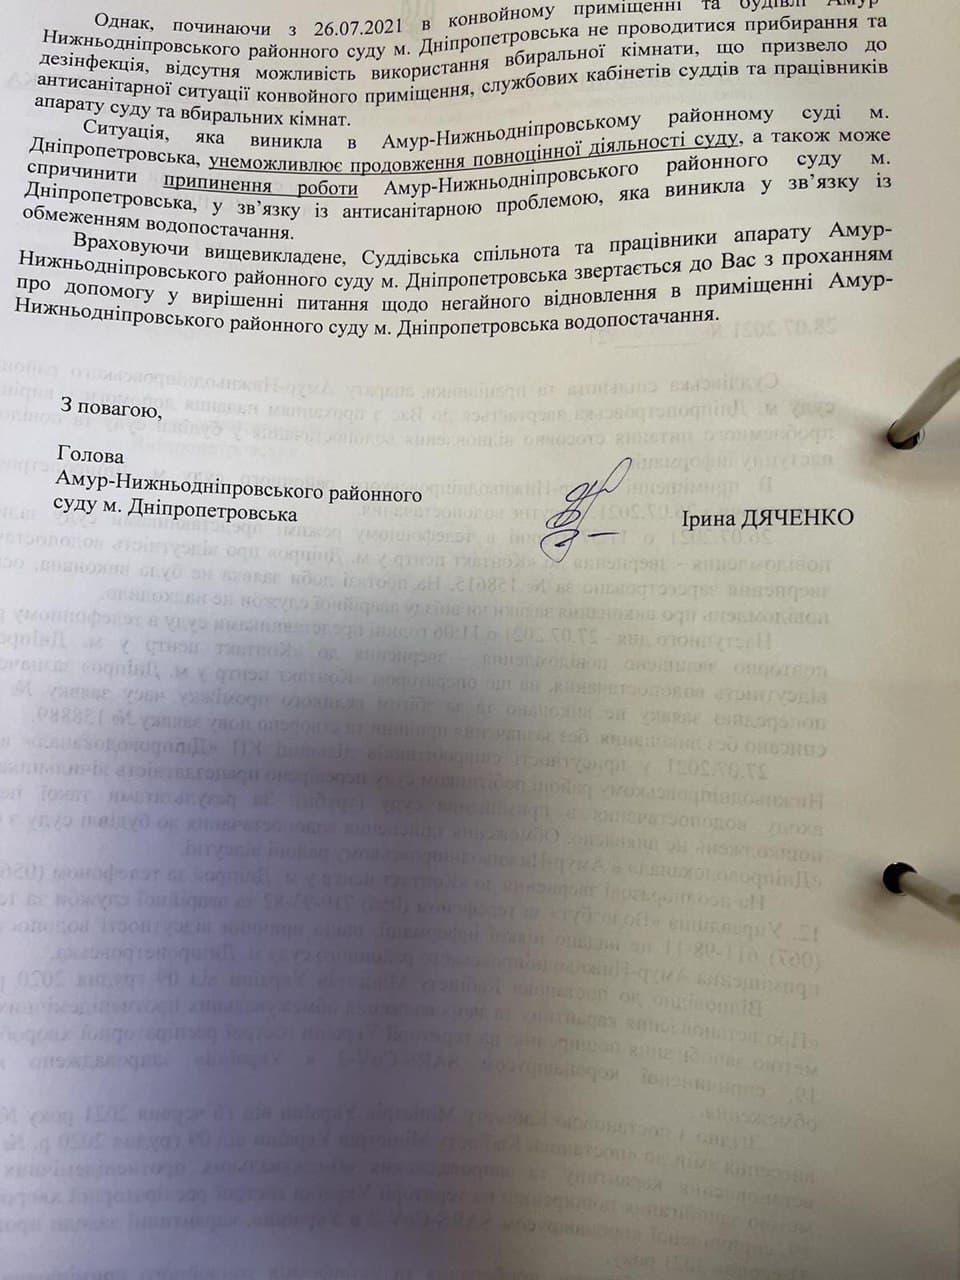 Зеленского просят о помощи работники суда в Днепре, в котором отключили воду по указанию Филатова - фото 5